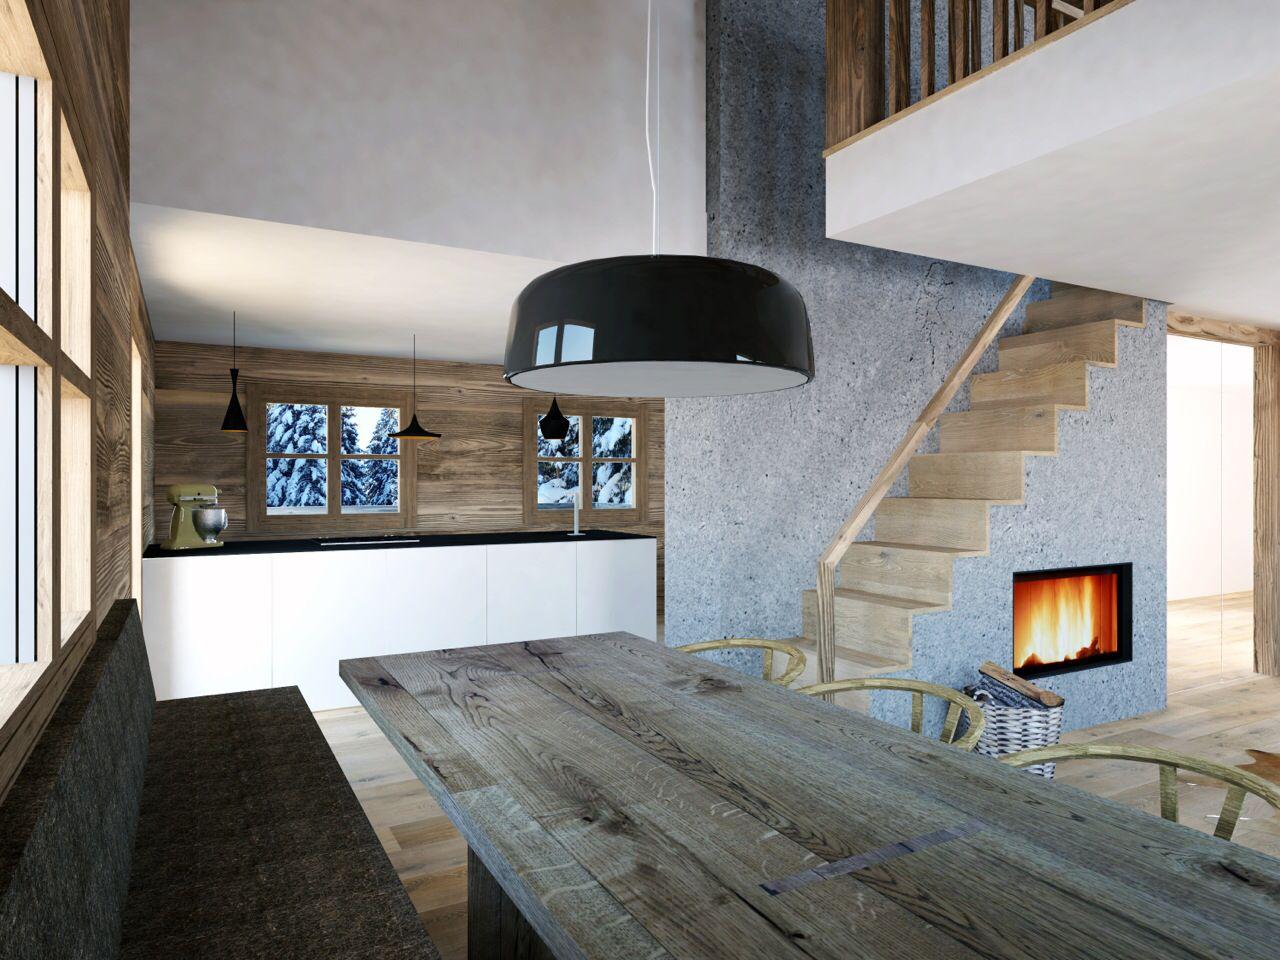 Nett Kücheneinrichtungsstile Galerie - Ideen Für Die Küche ...